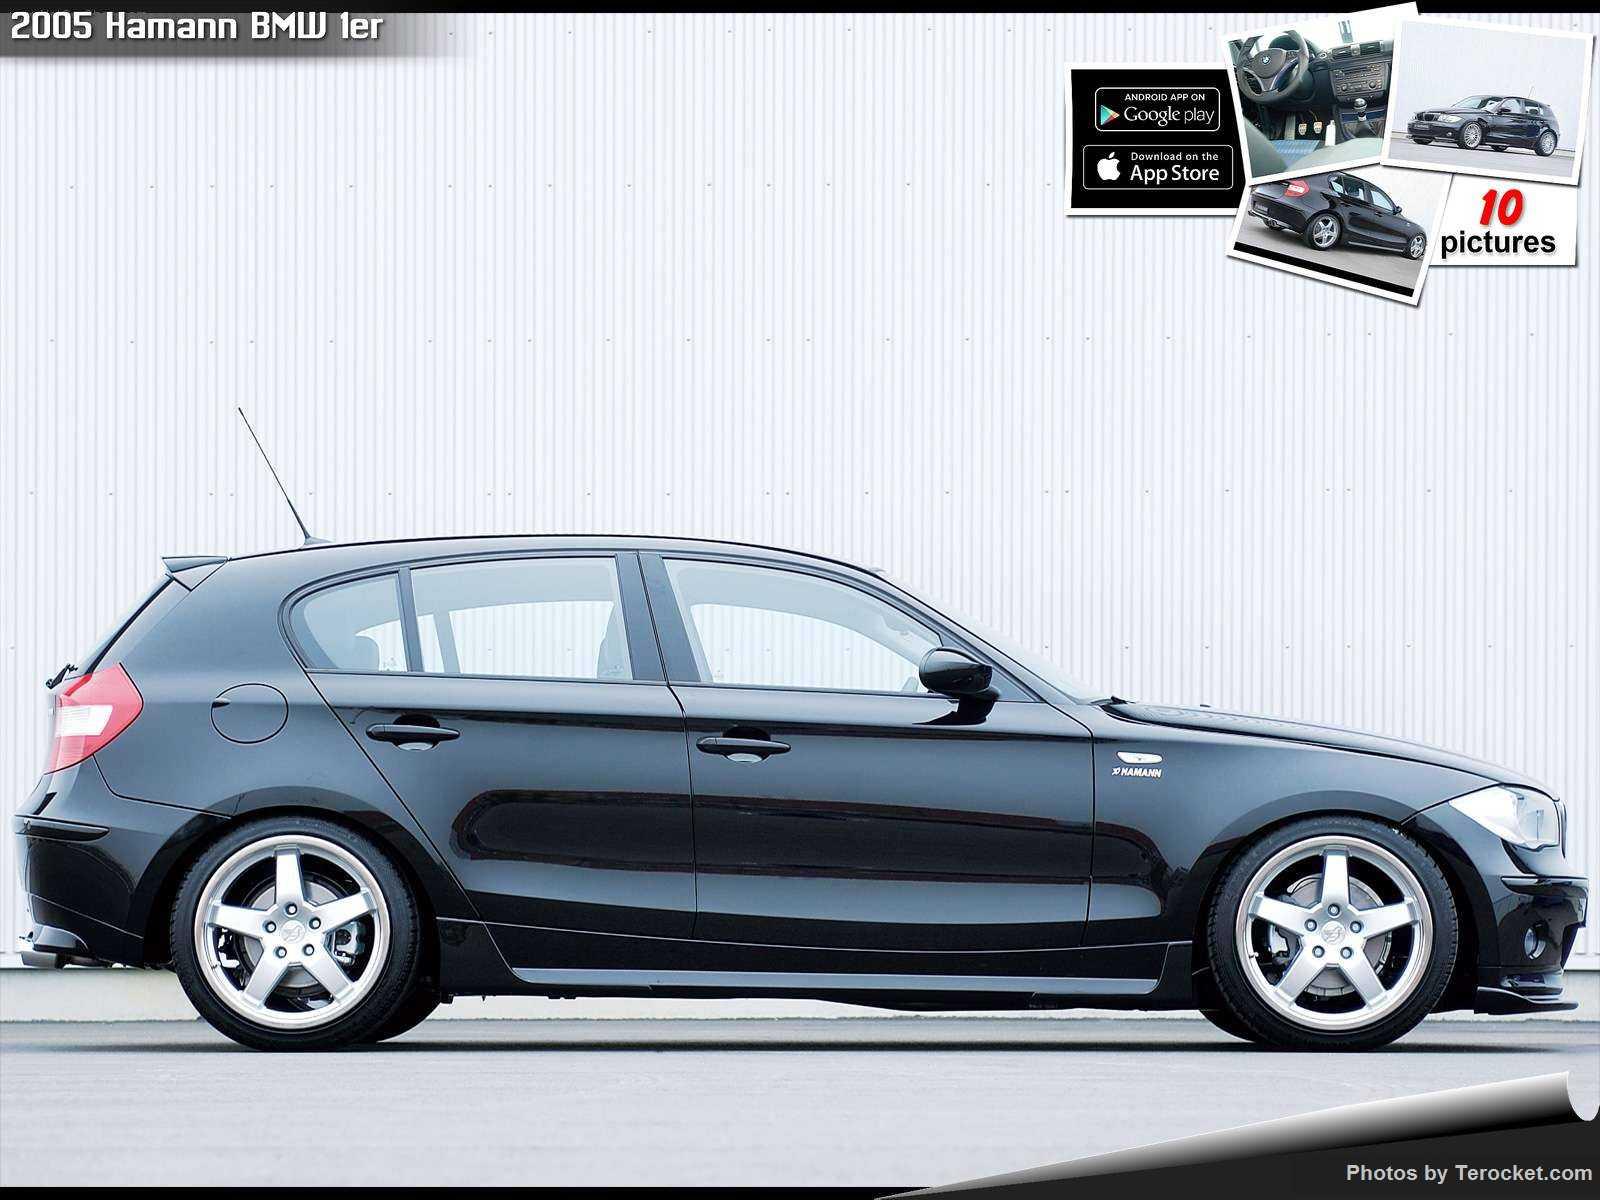 Hình ảnh xe ô tô Hamann BMW 1er 2005 & nội ngoại thất